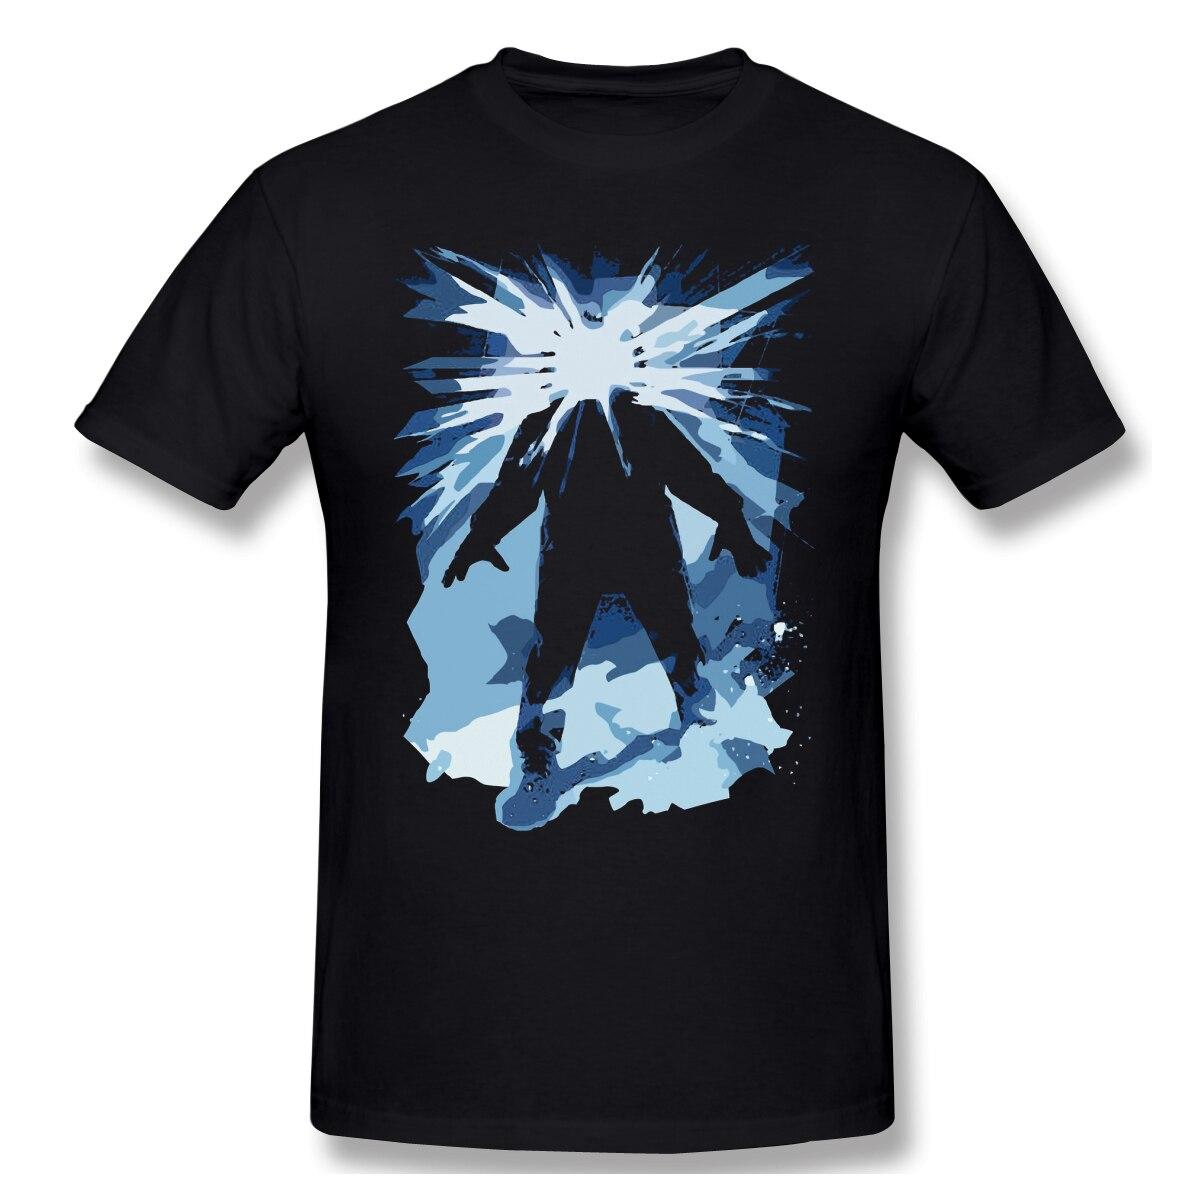 Carácter creativo, popular camiseta de manga corta para hombres, camiseta blanca congelada estampada, camisetas grandes de verano de algodón para hombres